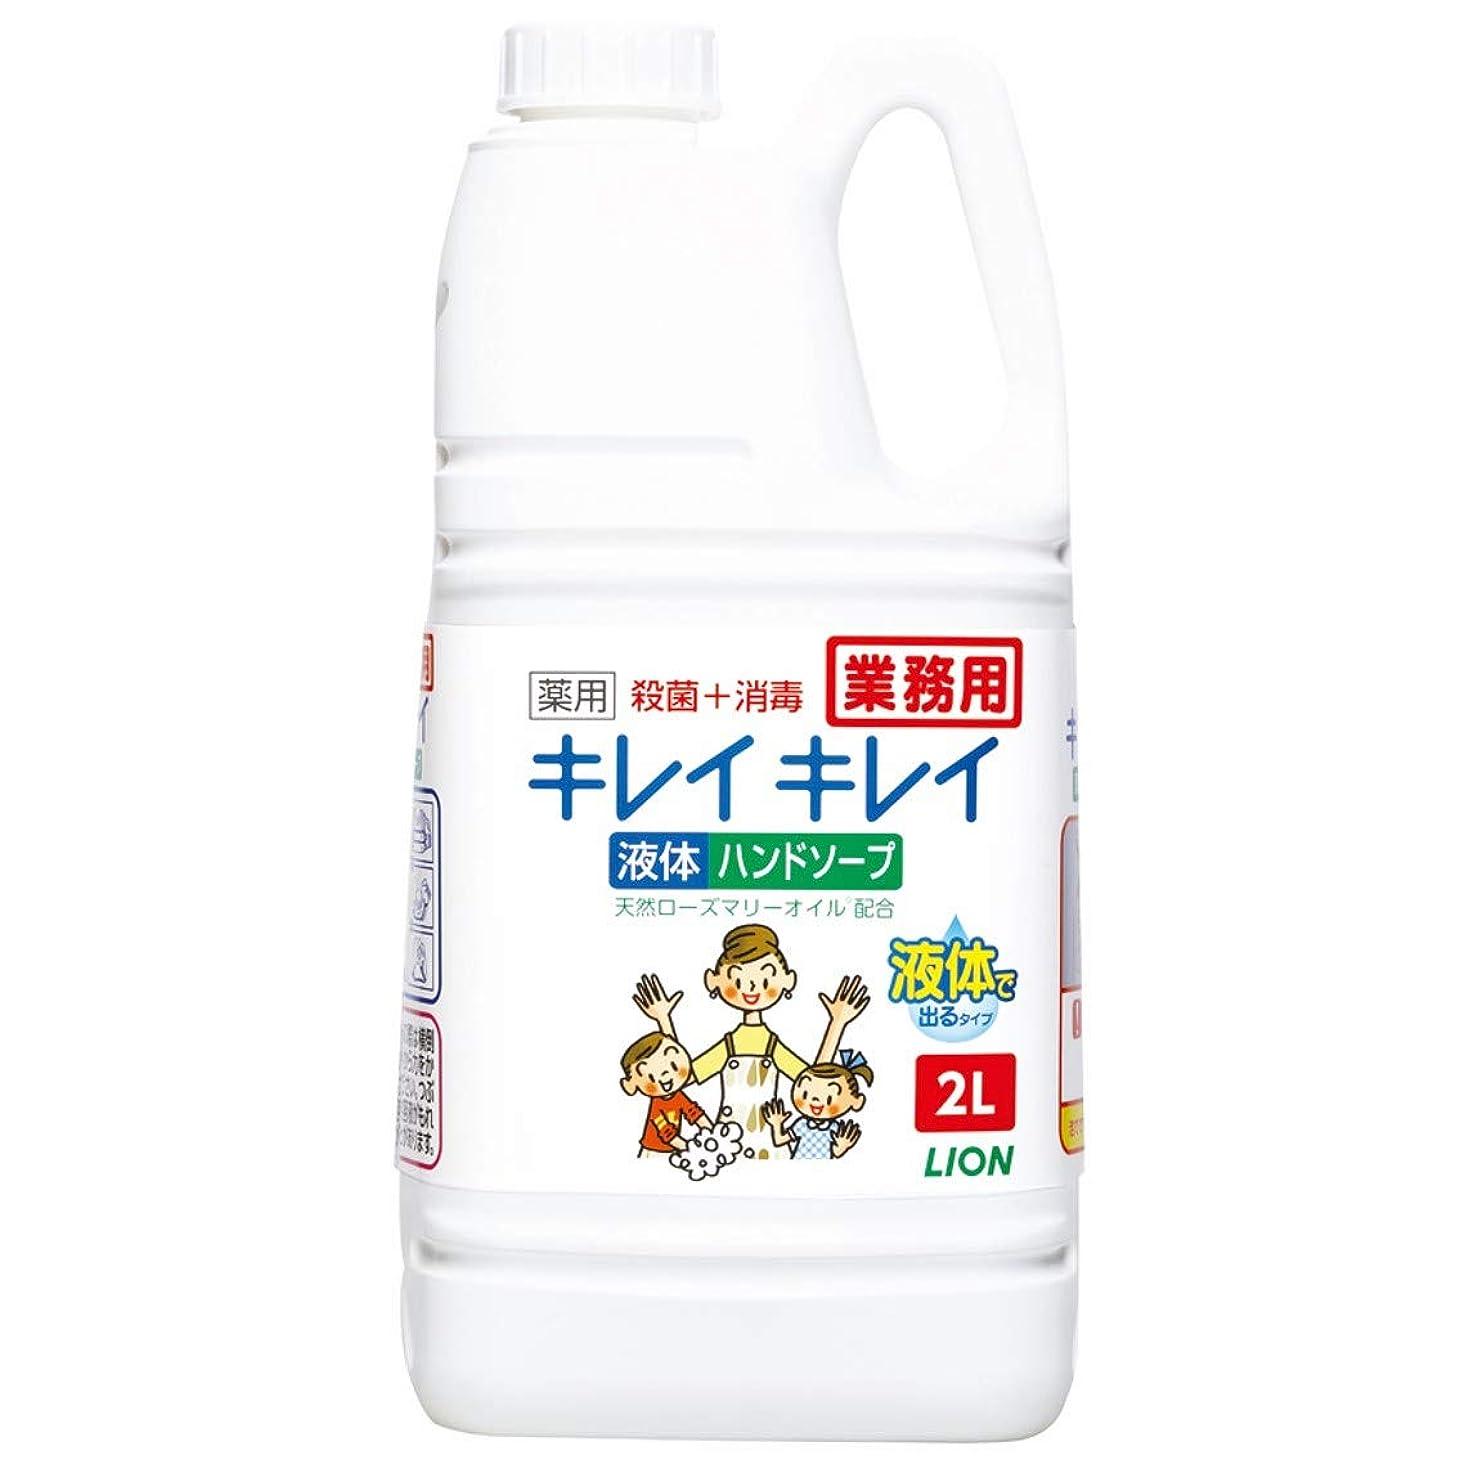 マーキング本質的ではない参照する【業務用 大容量】キレイキレイ 薬用 ハンドソープ 2L(医薬部外品)